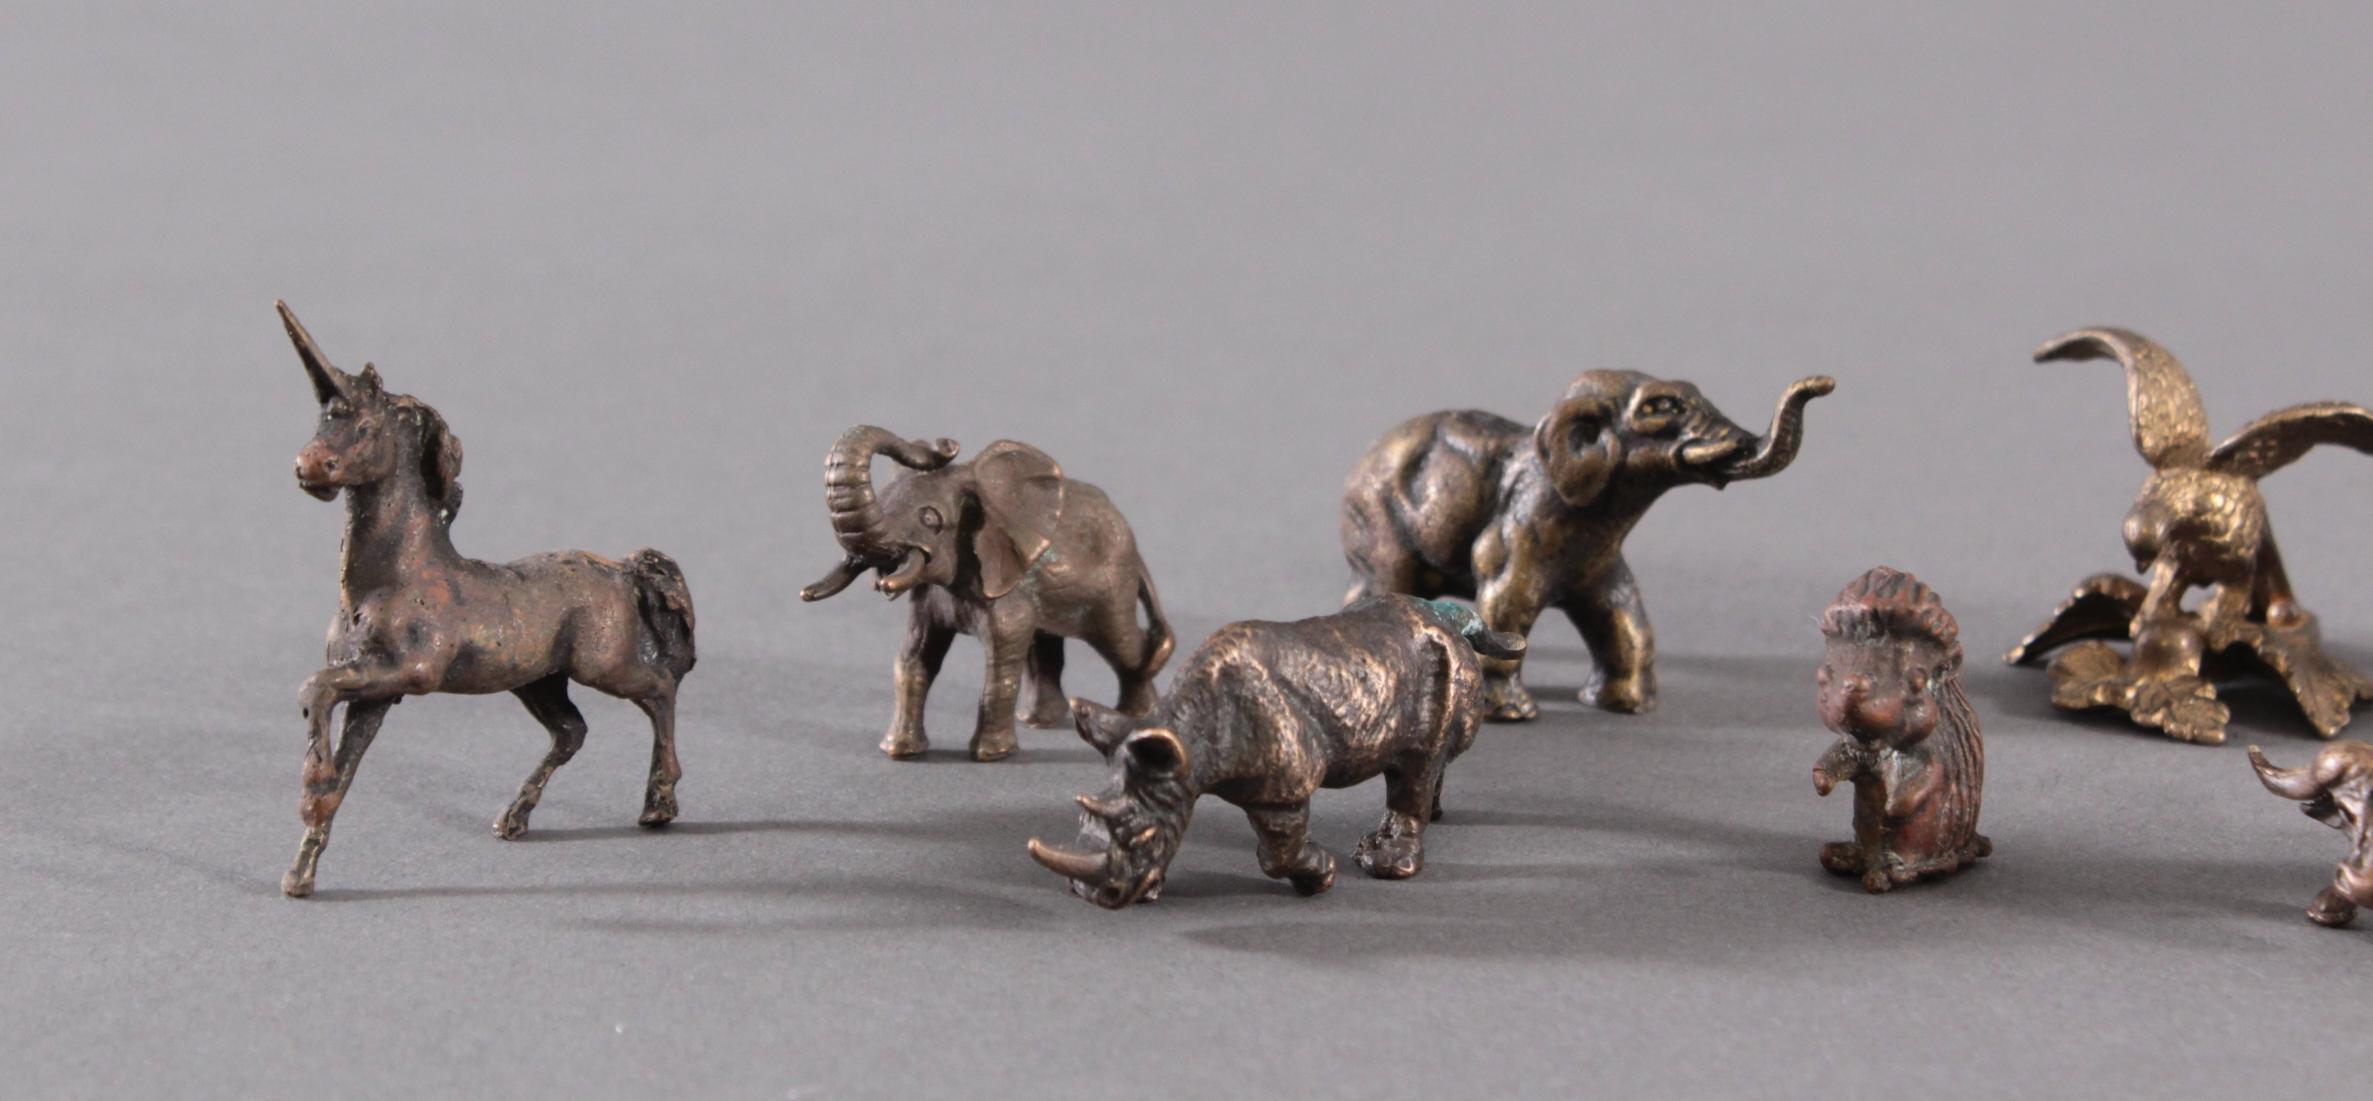 Miniatur Bronzefiguren, 10 Stück-2